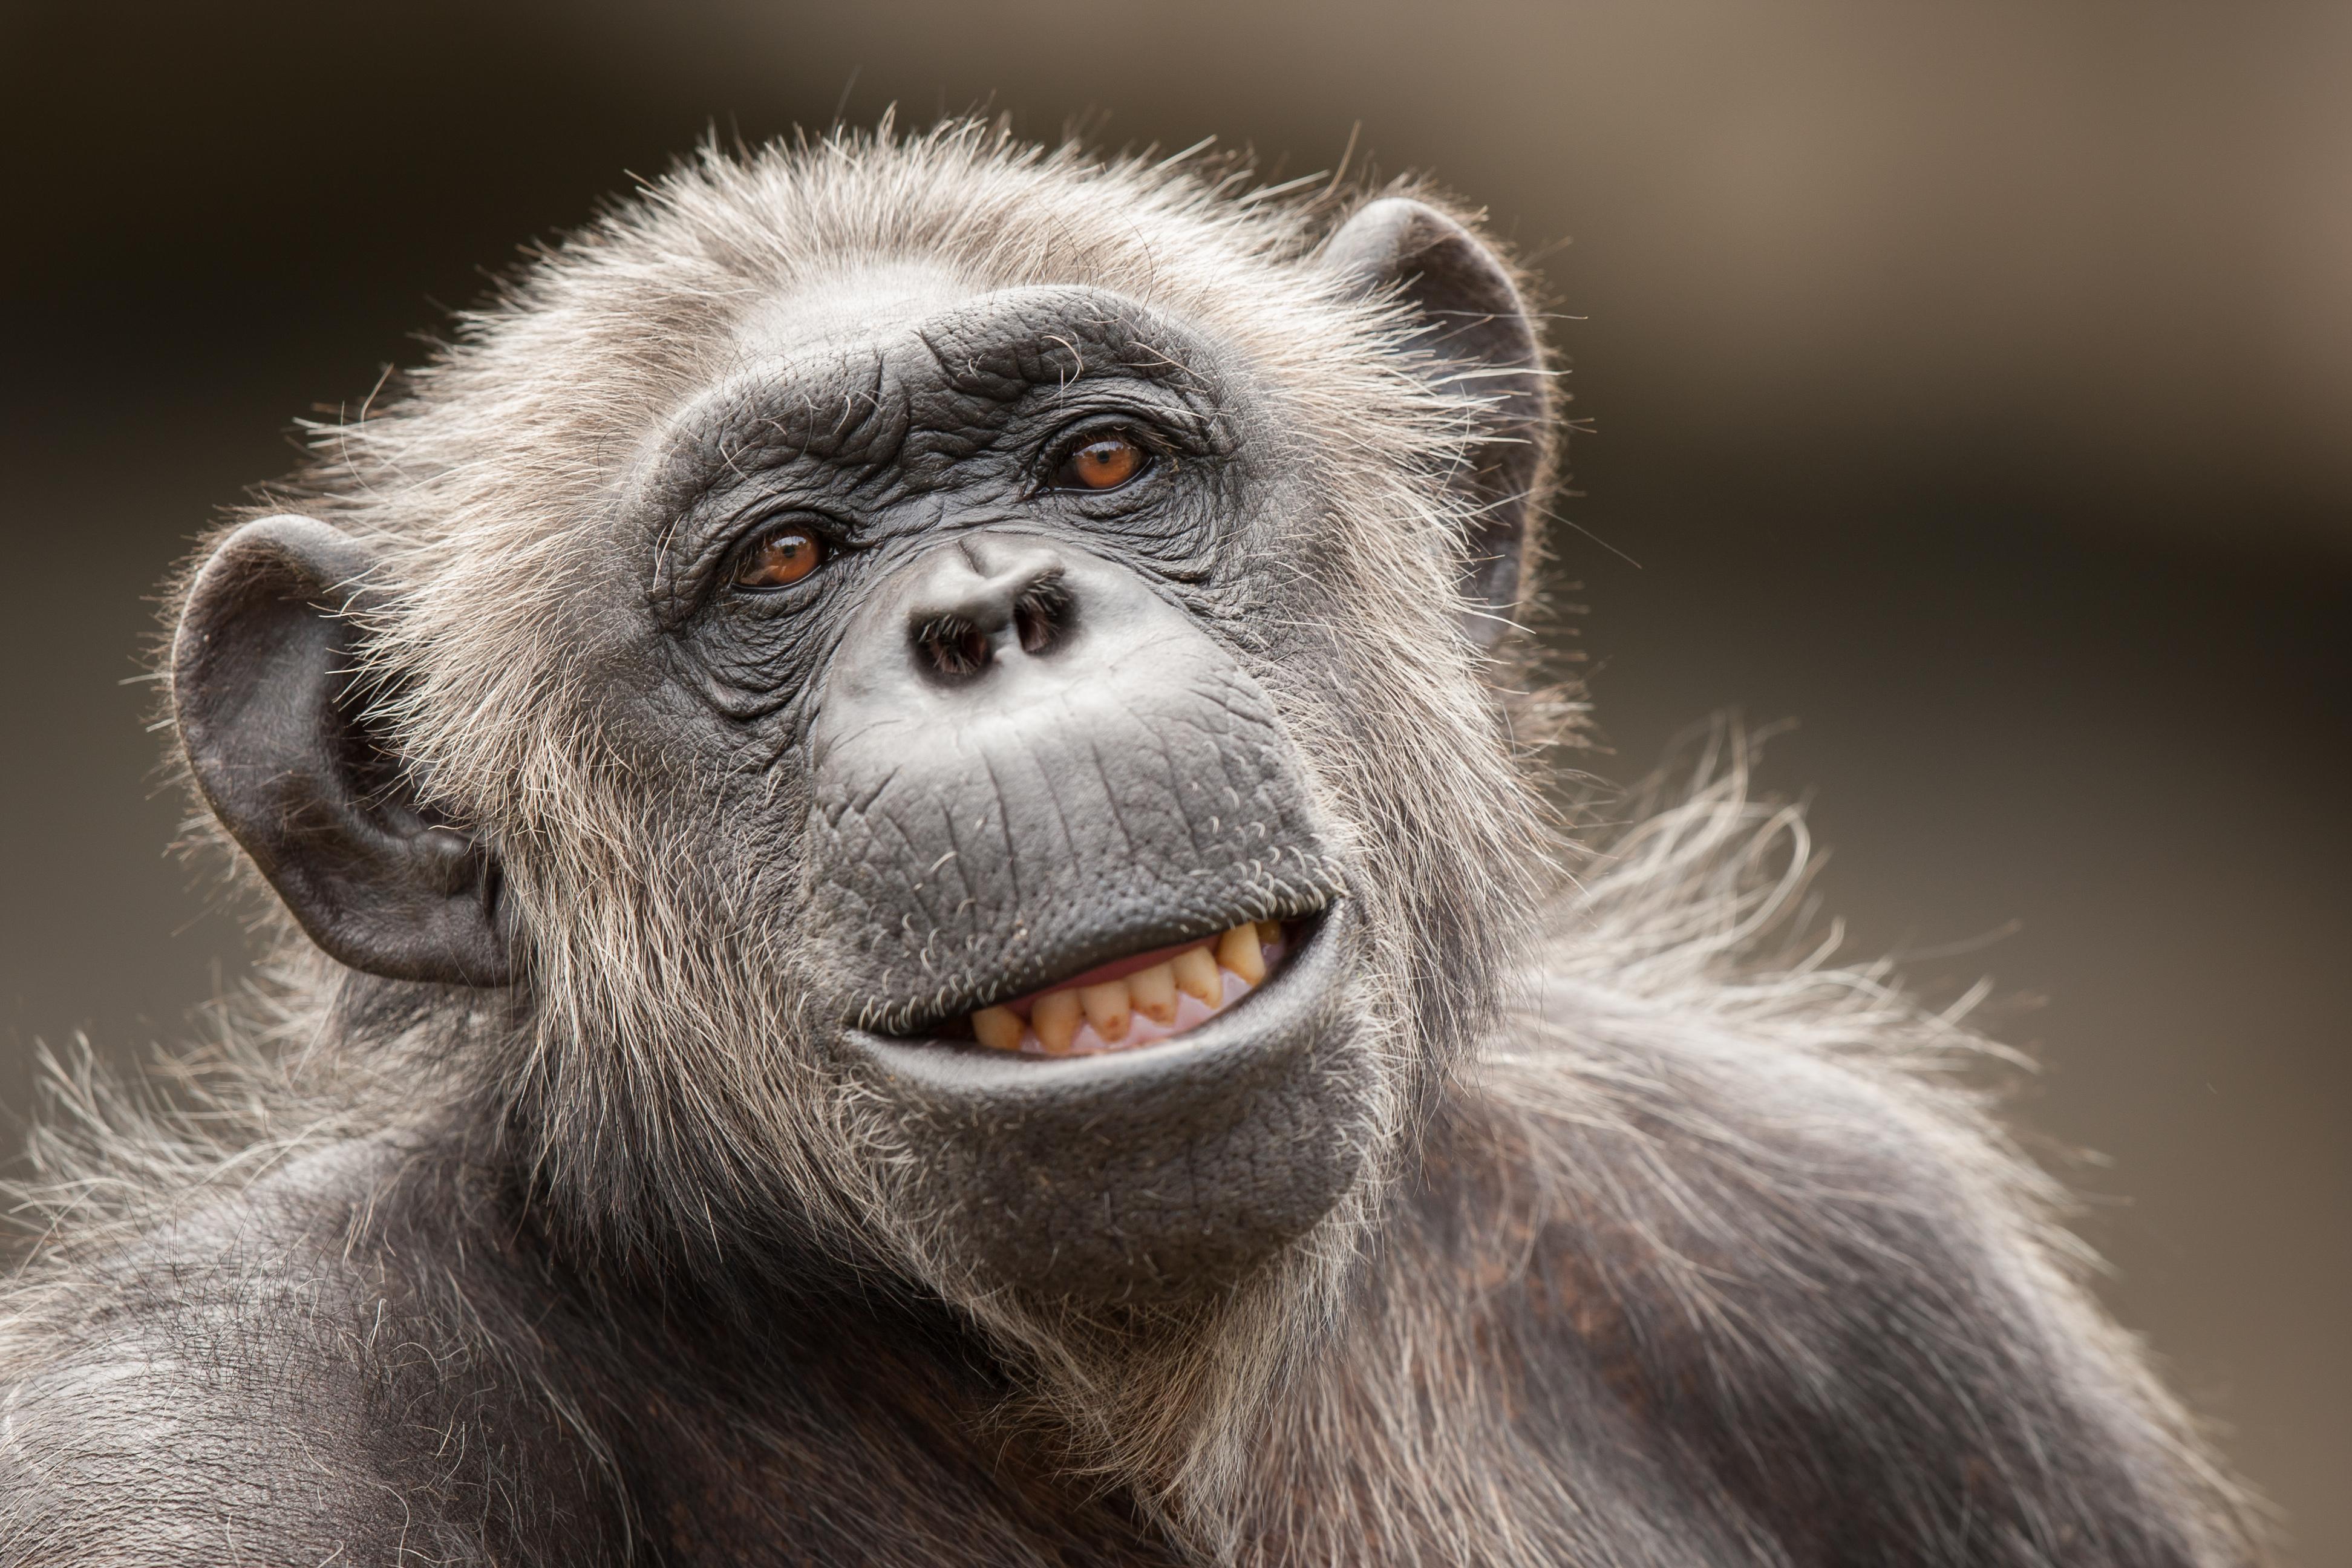 La cara de un chimpancé - 3888x2592